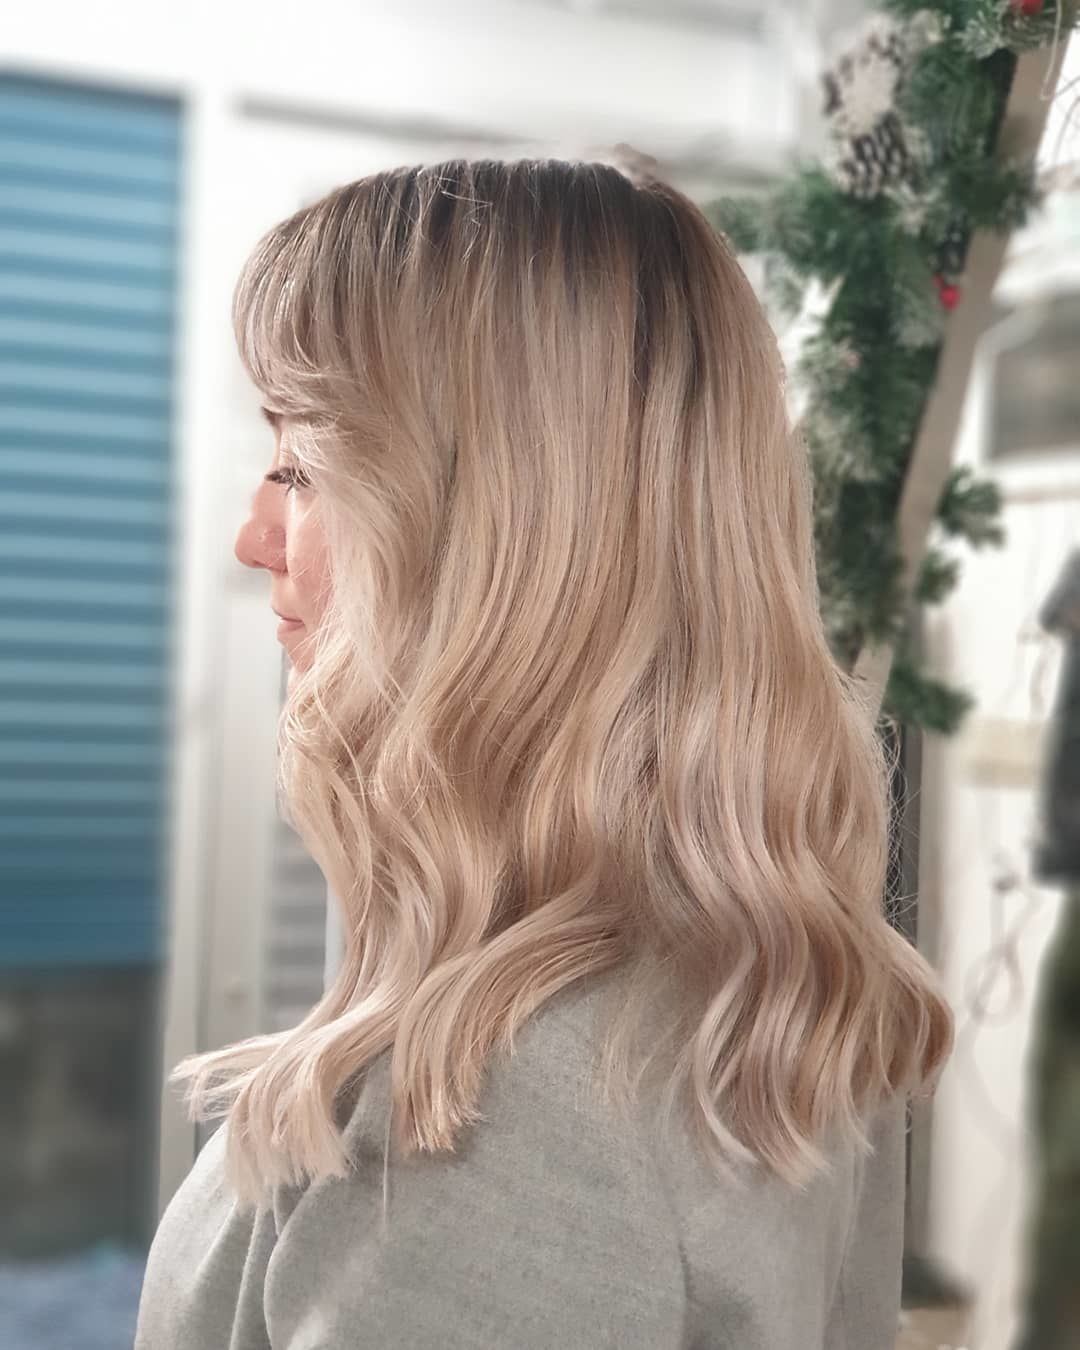 7 Tren Warna Rambut Terbaru Di Tahun 2020 Suka Yang Mana